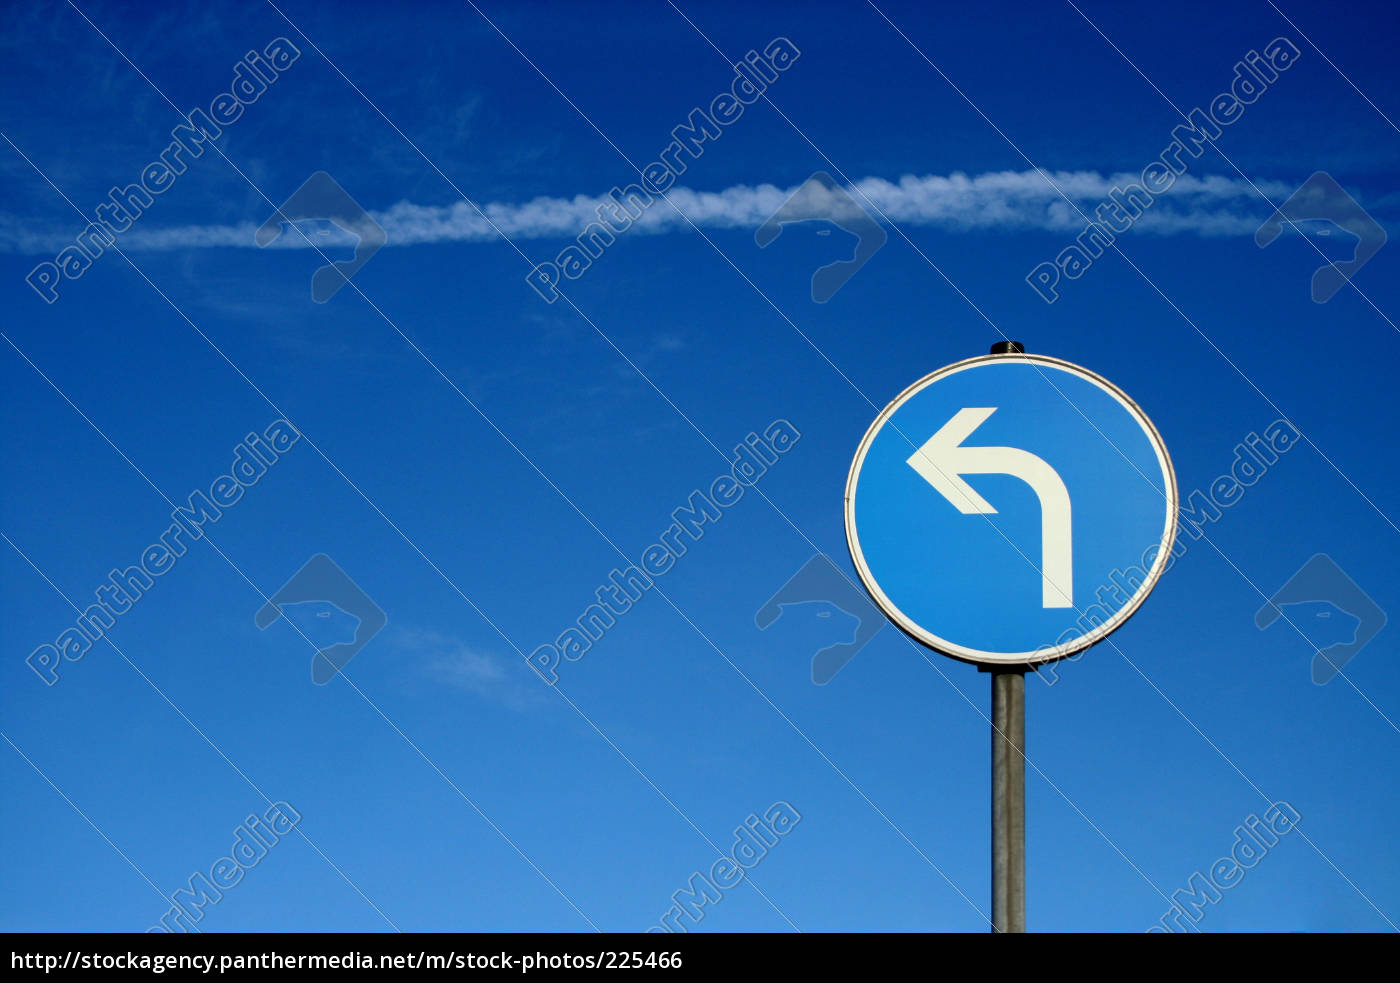 -, turning, left, - - 225466